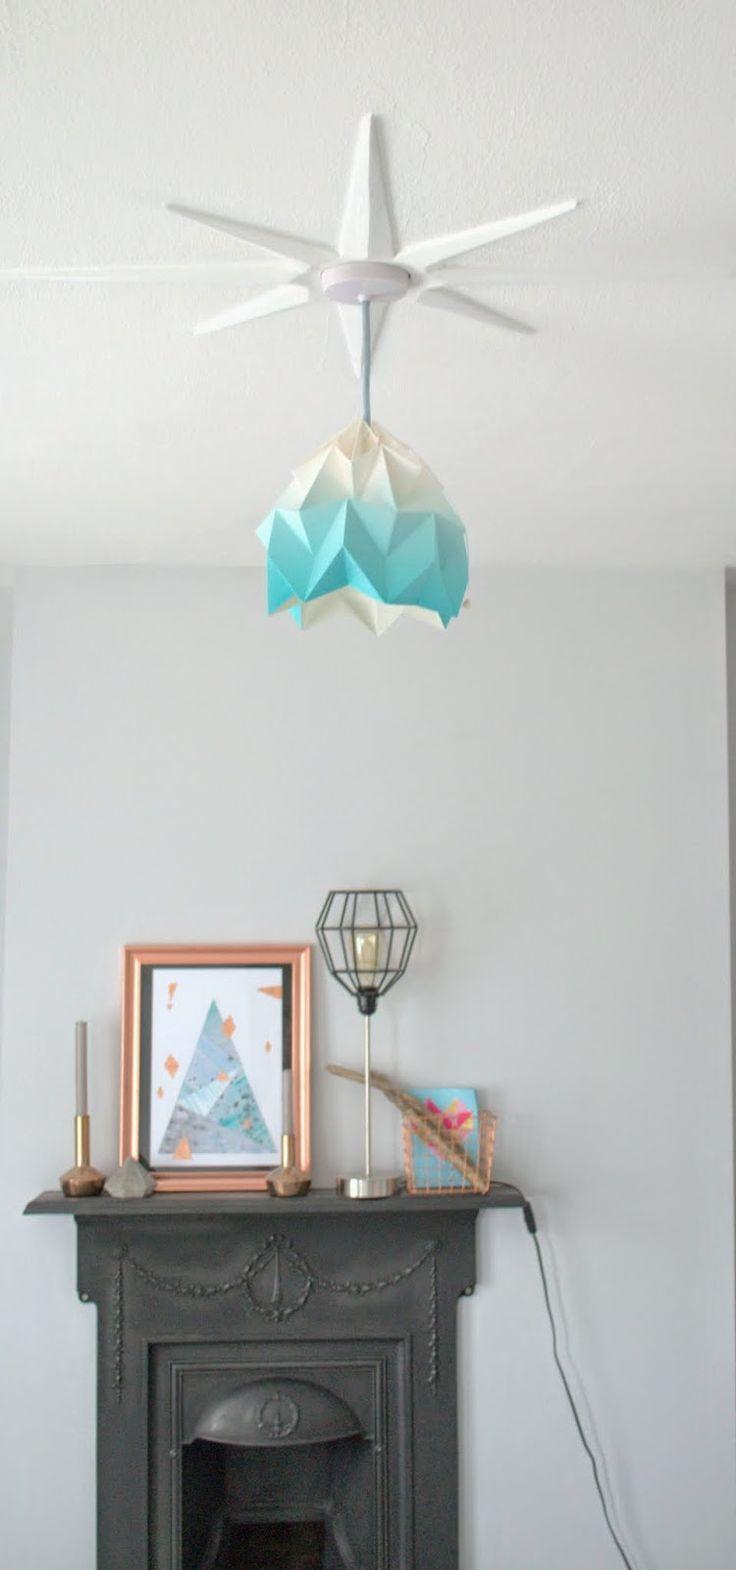 Ideias para suportar candeeiros. Ideas to support lamps.